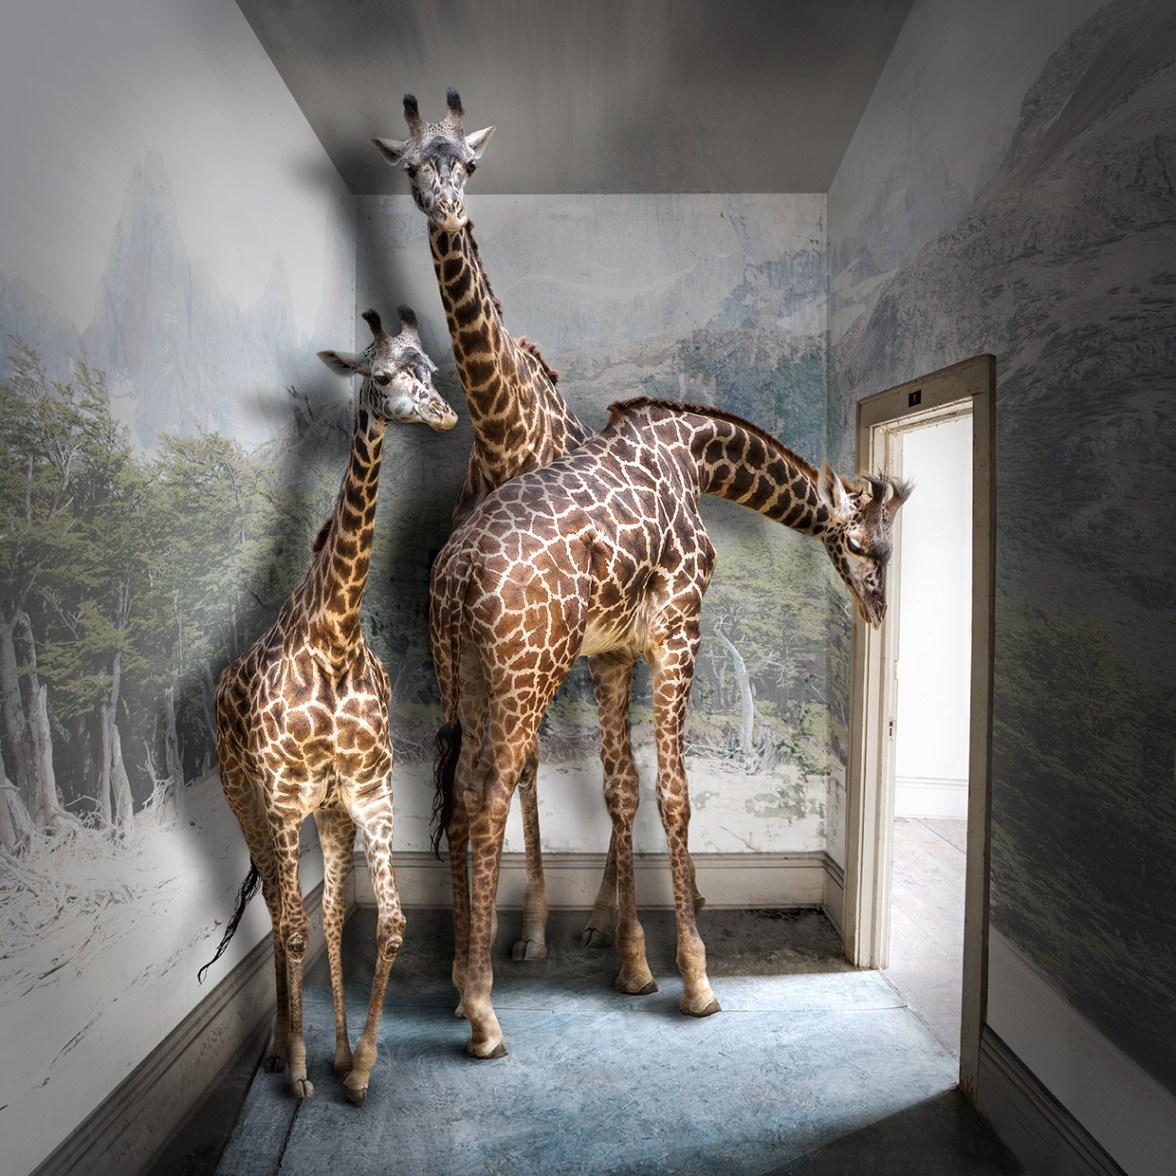 Giraffe © Carol Mollhagen Erb